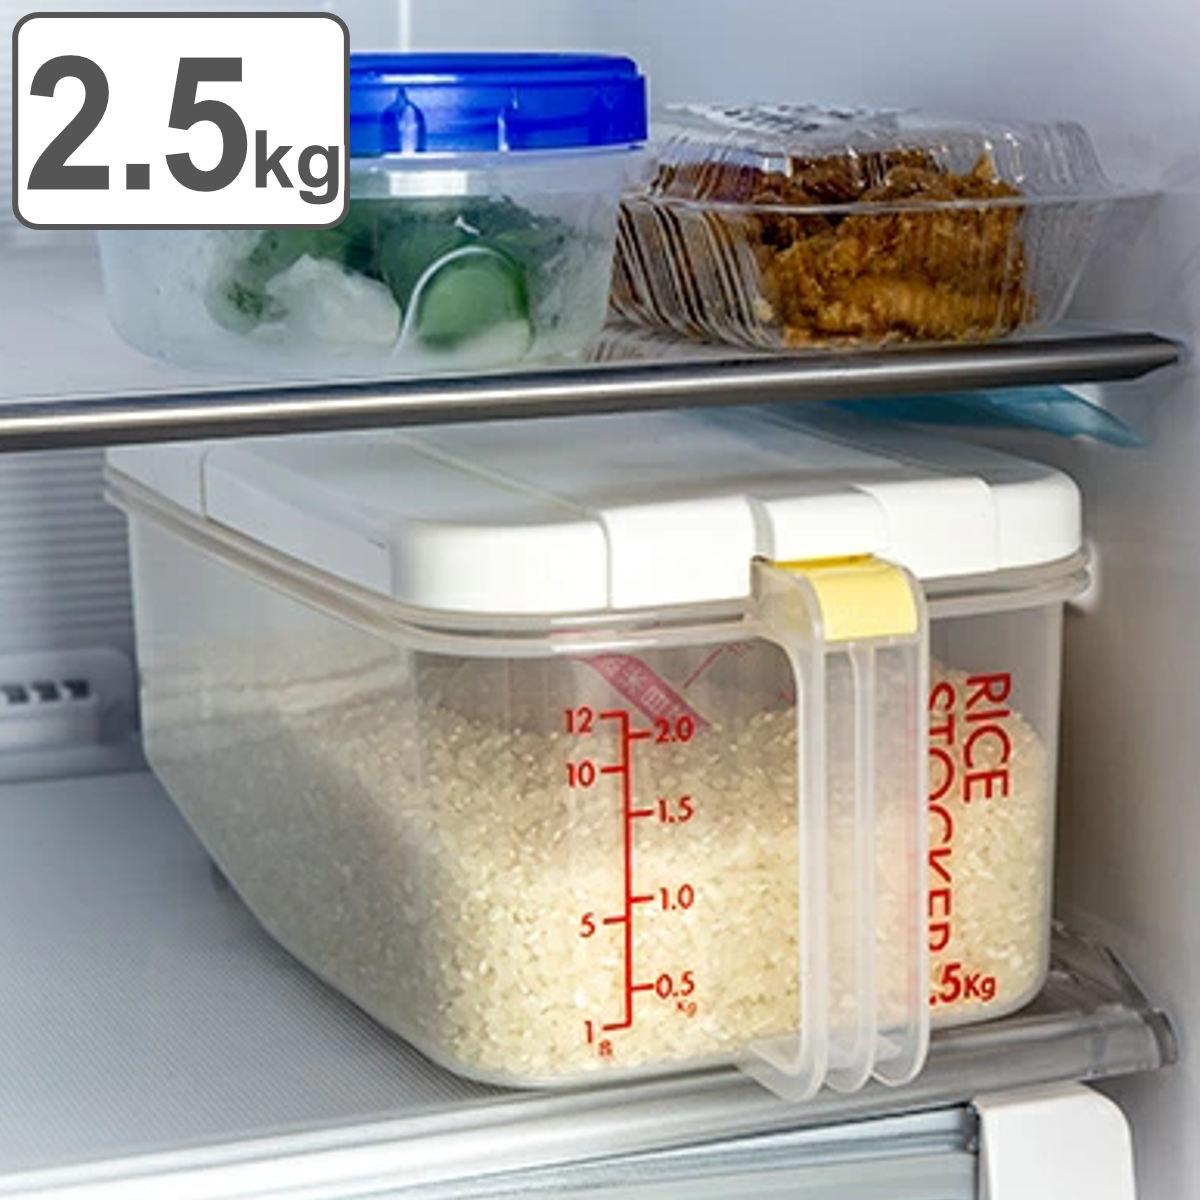 冷蔵庫保存でお米の鮮度を保って虫の侵入も防ぐ 米びつ 冷蔵庫用米びつ横型 2.5kg 計量カップ付 ライスボックス 米櫃 こめびつ ライスストッカー お米収納 通信販売 米ストッカー 2.5キロ コメビツ 目盛り付き 超歓迎された キッチン収納 キャスター付き お米保存